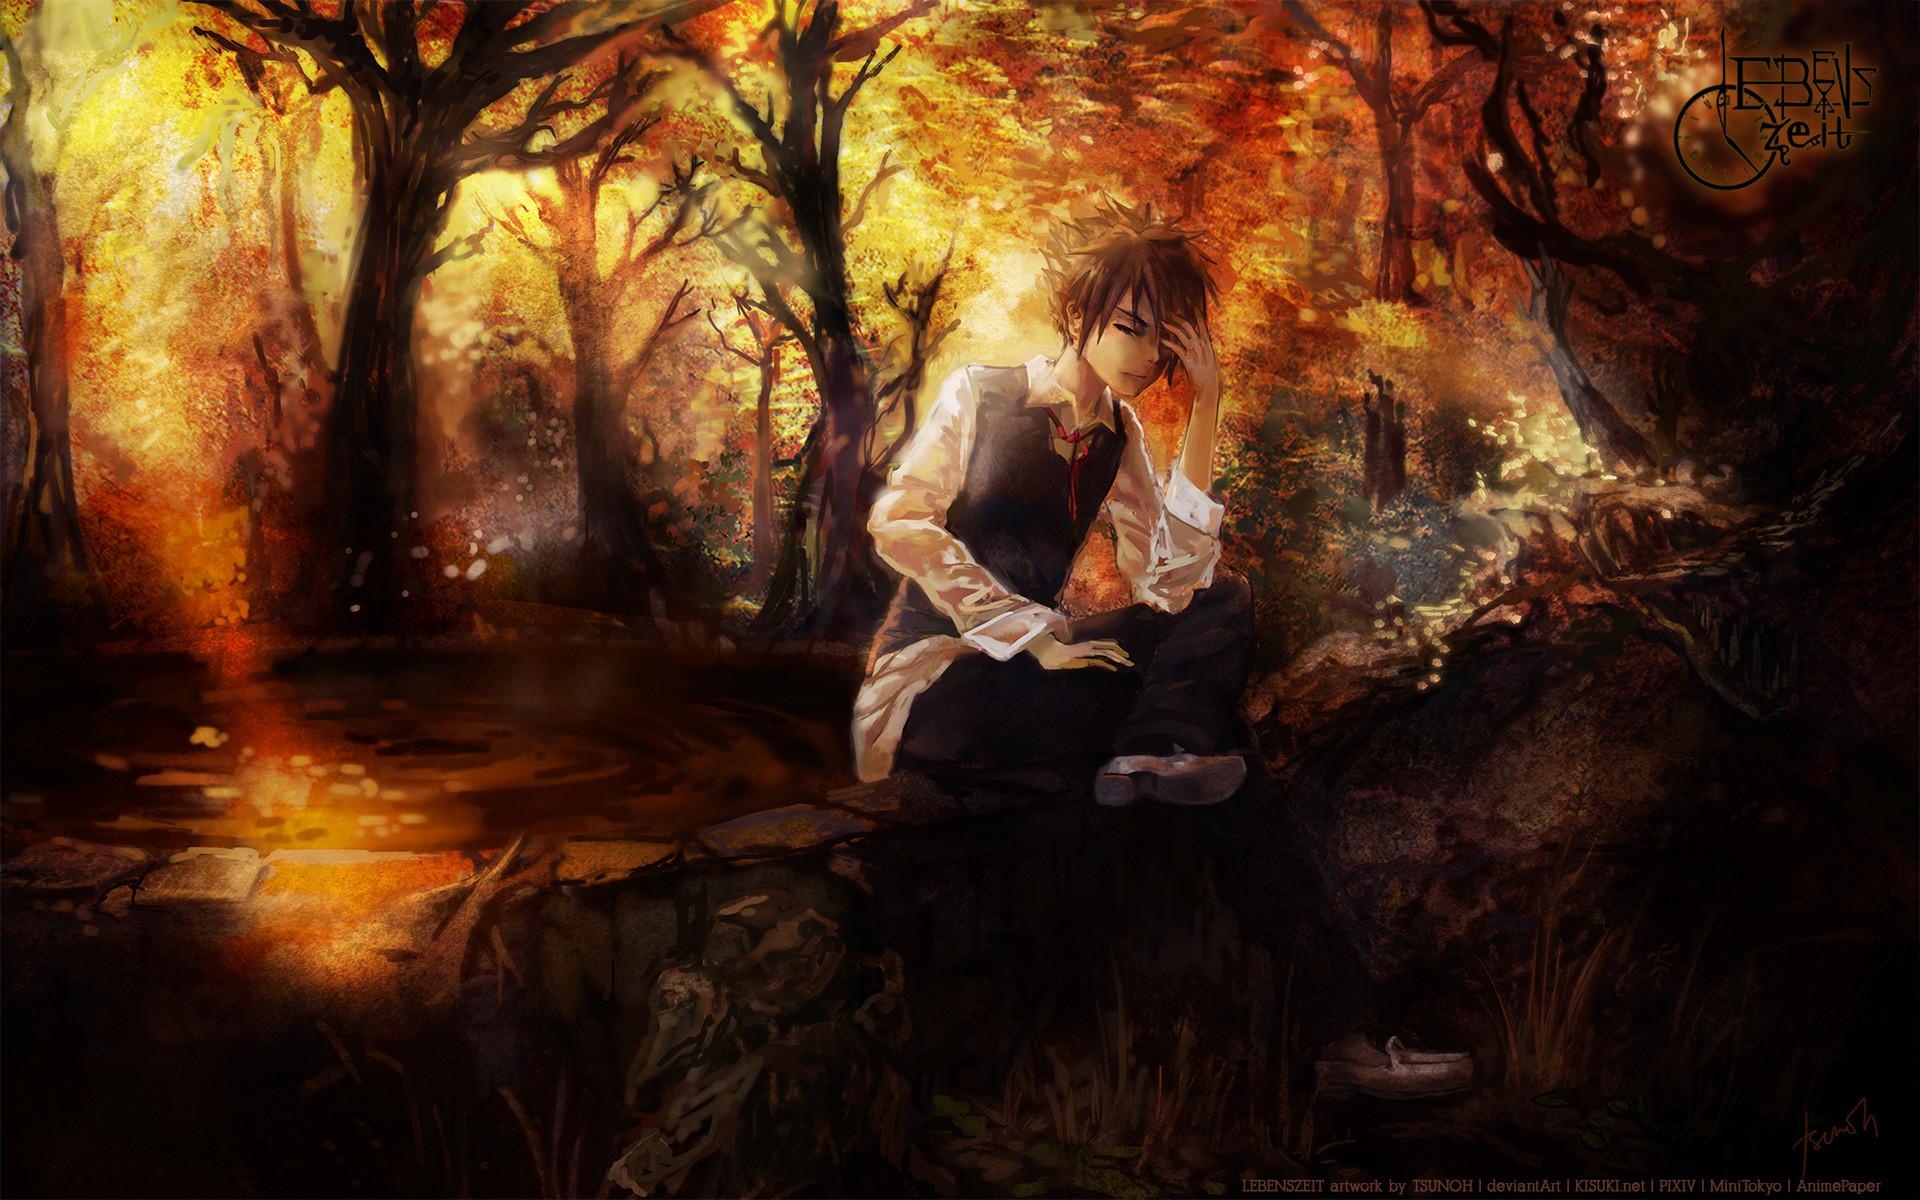 Lebenszeit(artist) original vector art men males mood landscapes trees  forest woods autumn fall wallpaper     35657   WallpaperUP